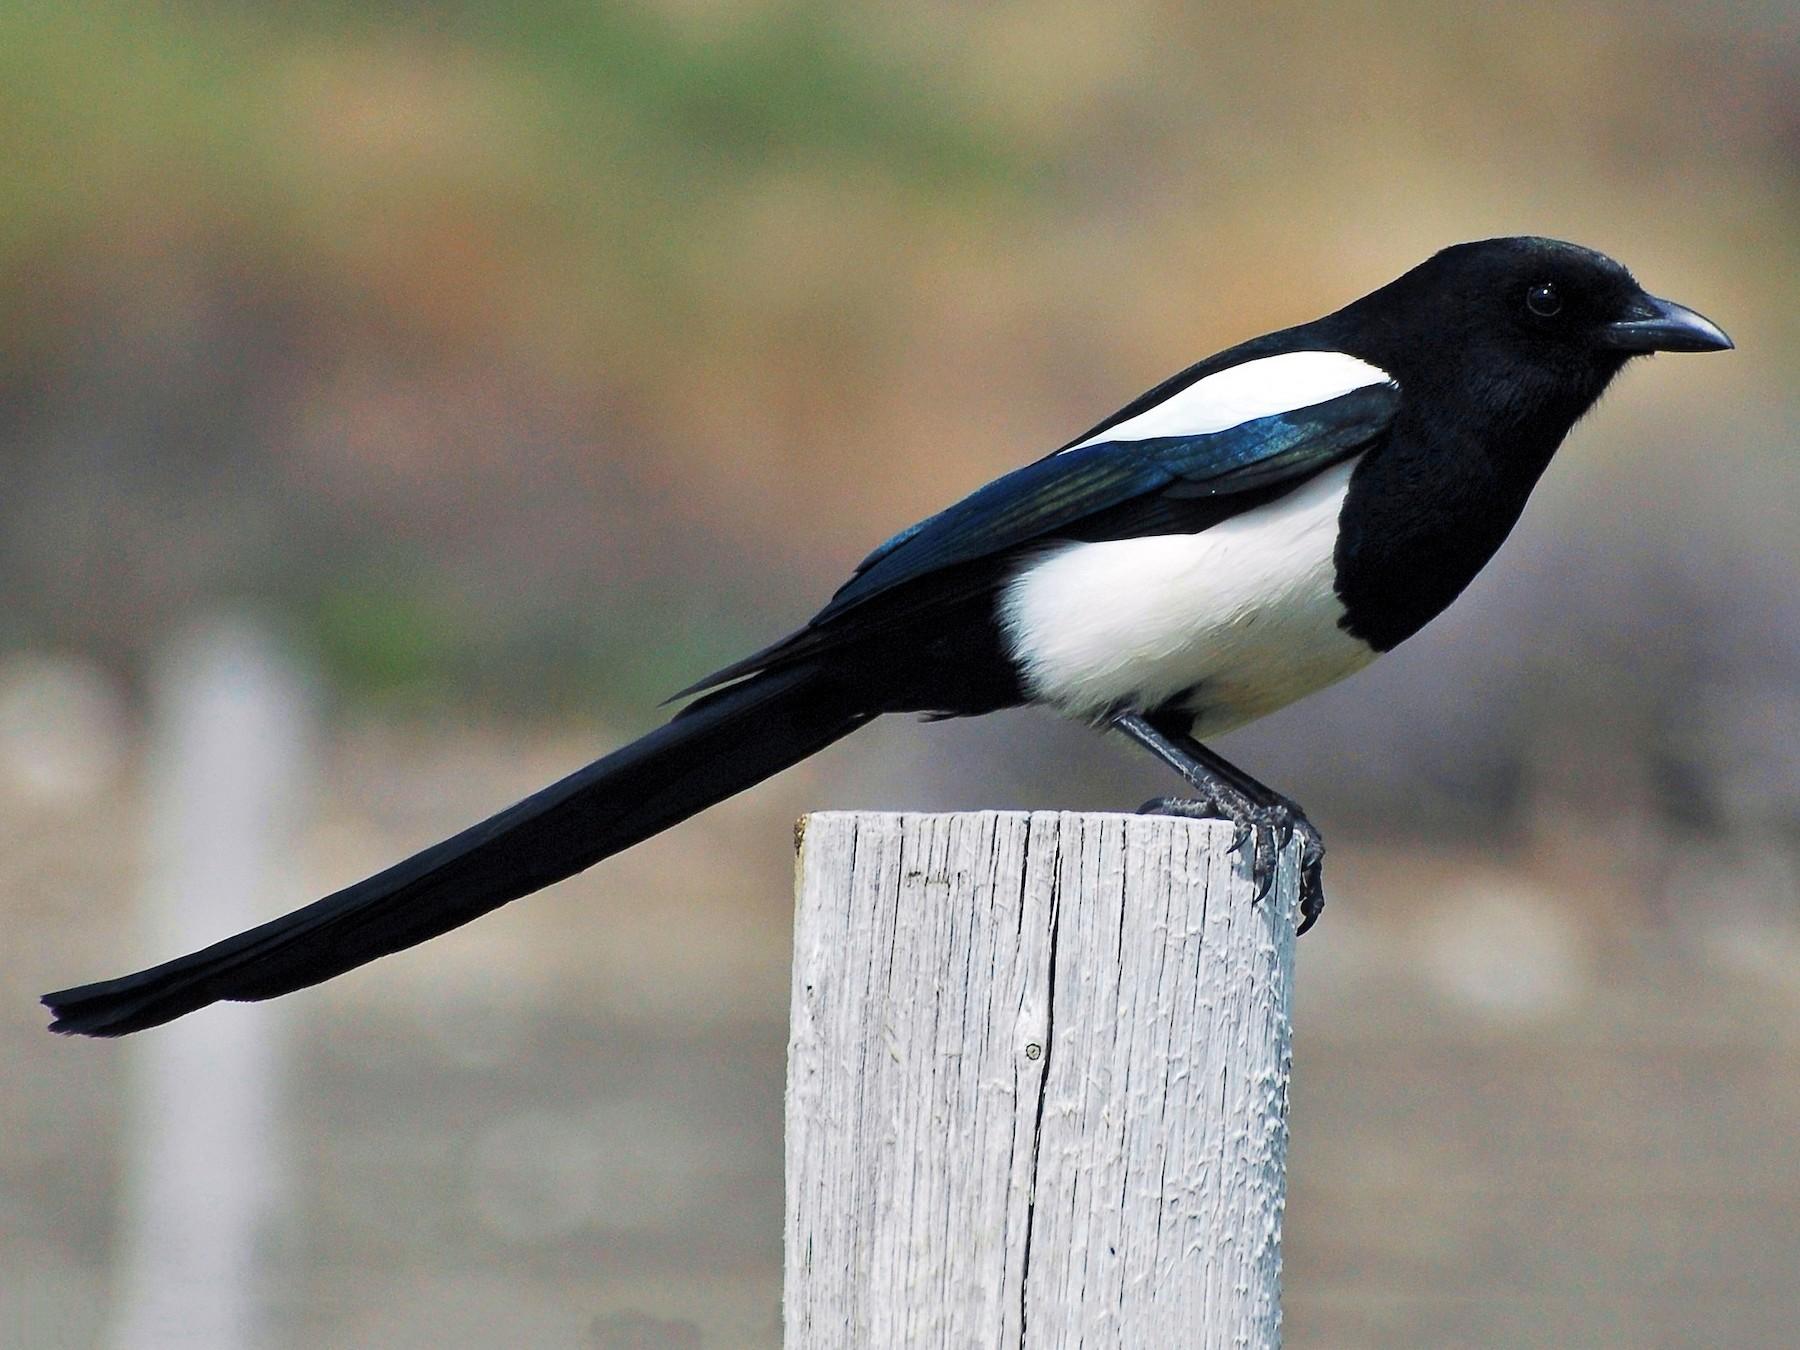 Black-billed Magpie - David Hollie